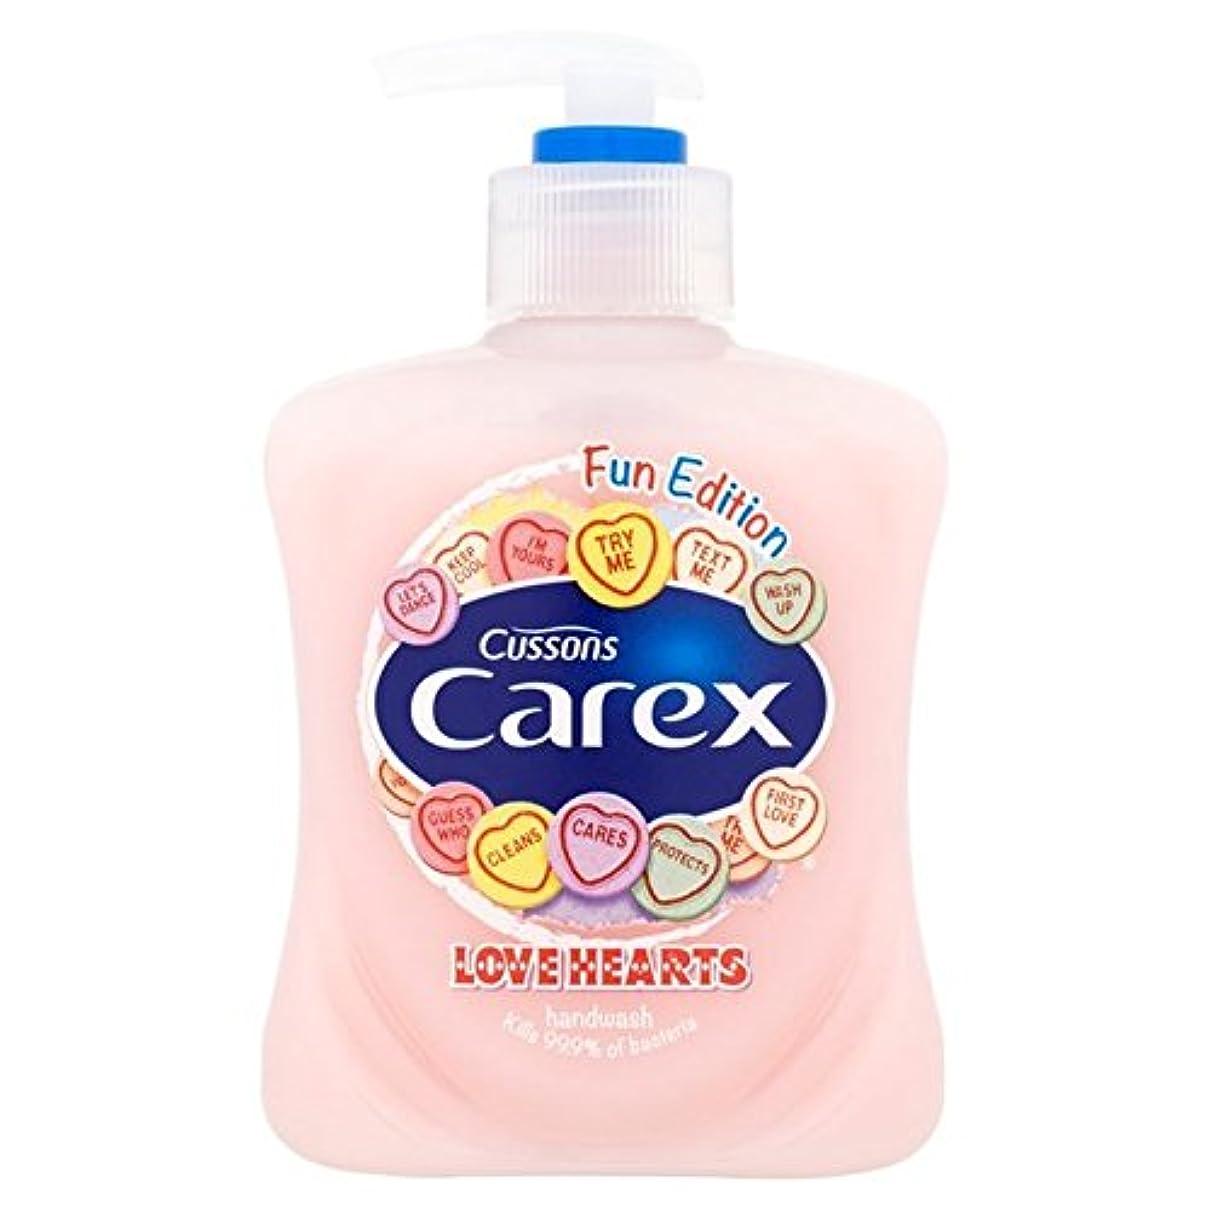 ポンプ罹患率誘惑するCarex Fun Edition Love Hearts Hand Wash 250ml - スゲ楽しい版愛の心のハンドウォッシュ250ミリリットル [並行輸入品]